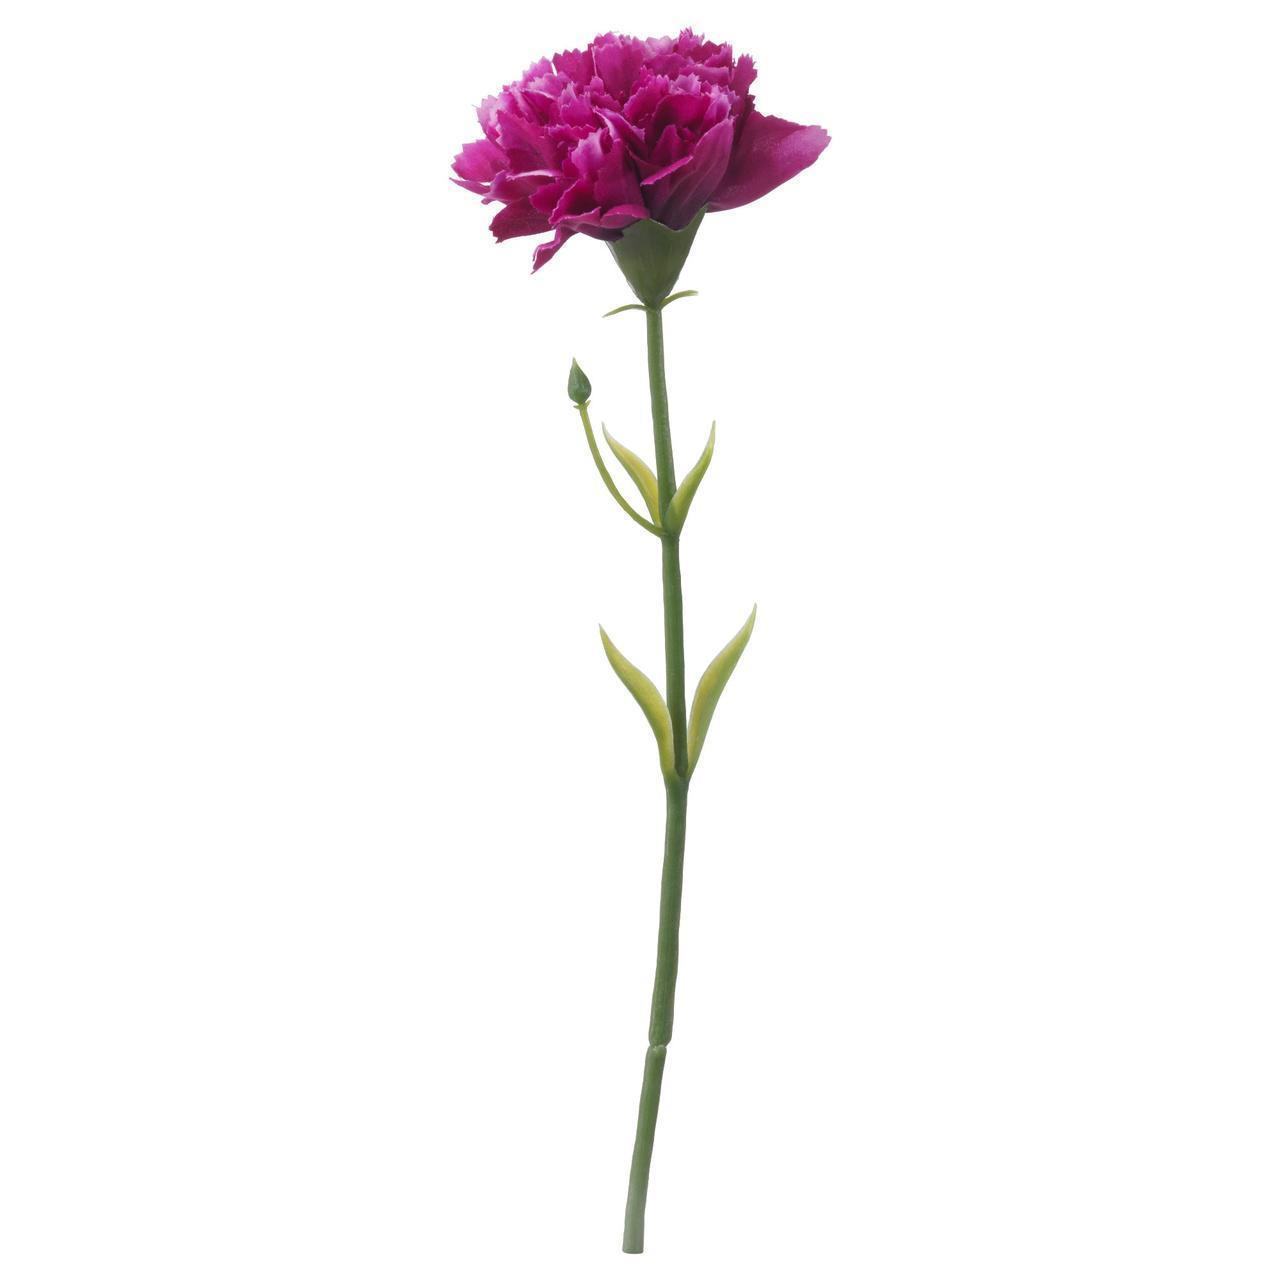 Искусственный цветок IKEA SMYCKA 30 см гвоздика фиолетовая 903.356.59